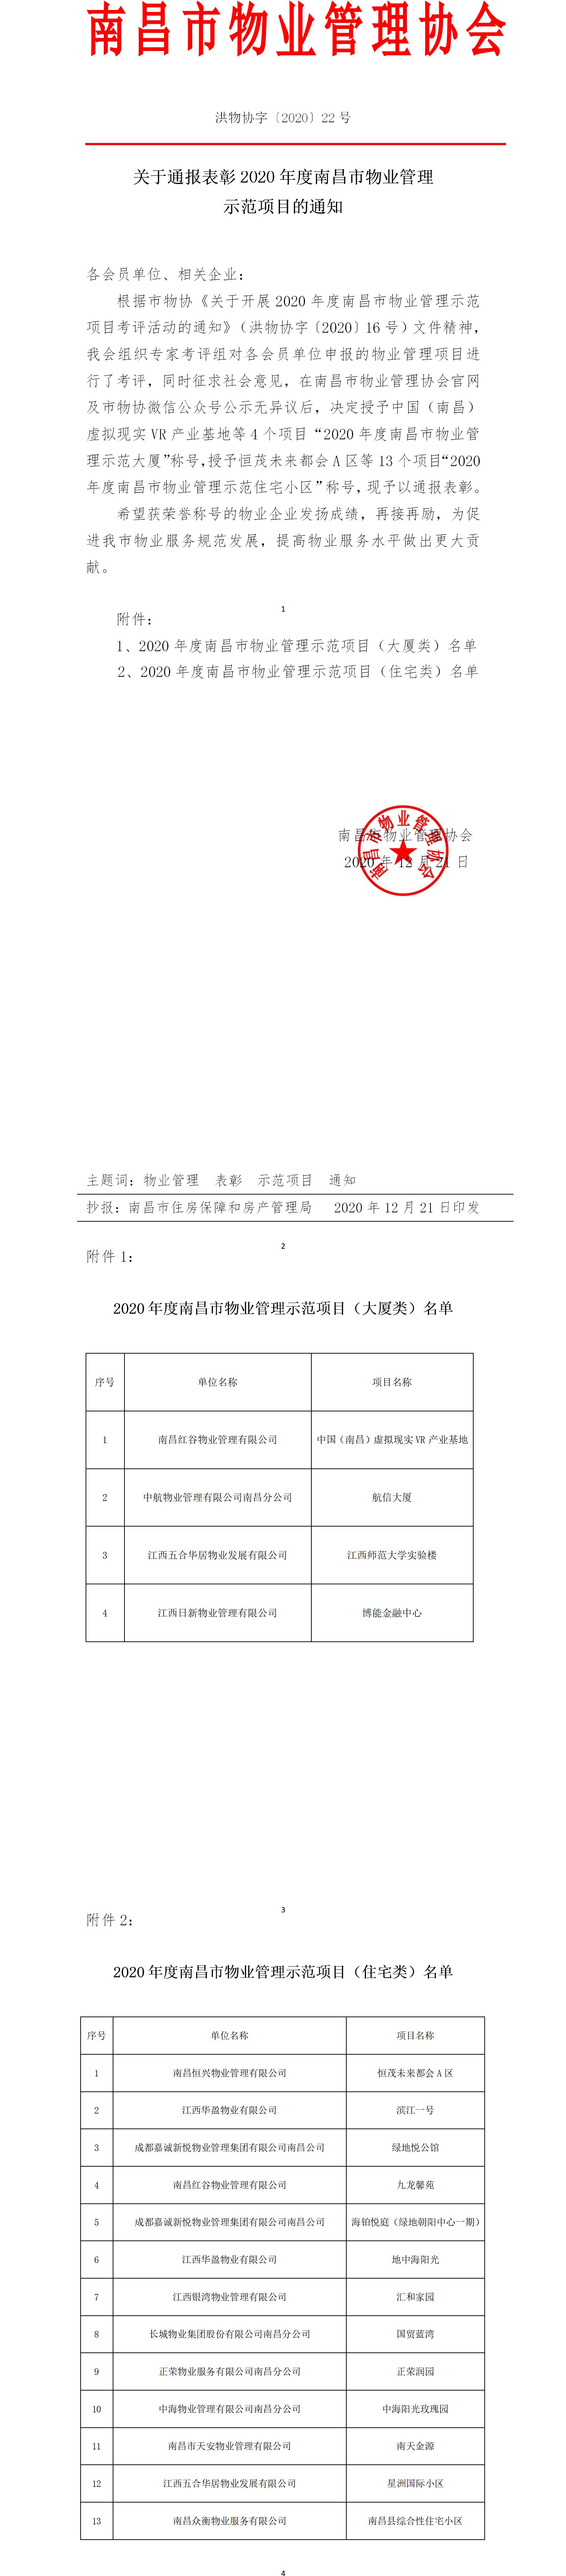 洪物协字[2020]22号关于通报表彰2020年度南昌市物业管理示范项目的通知.png